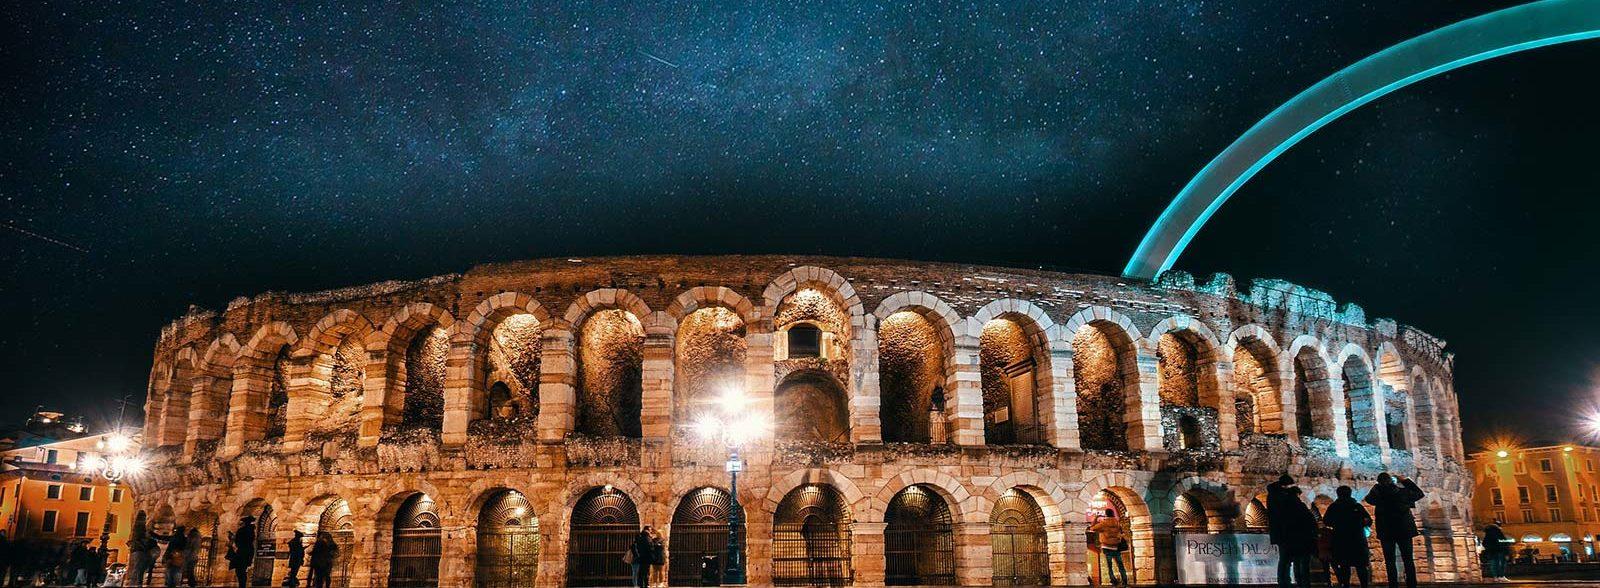 Un viaggio da Venezia a Verona in giornata:  alla scoperta di una romantica città